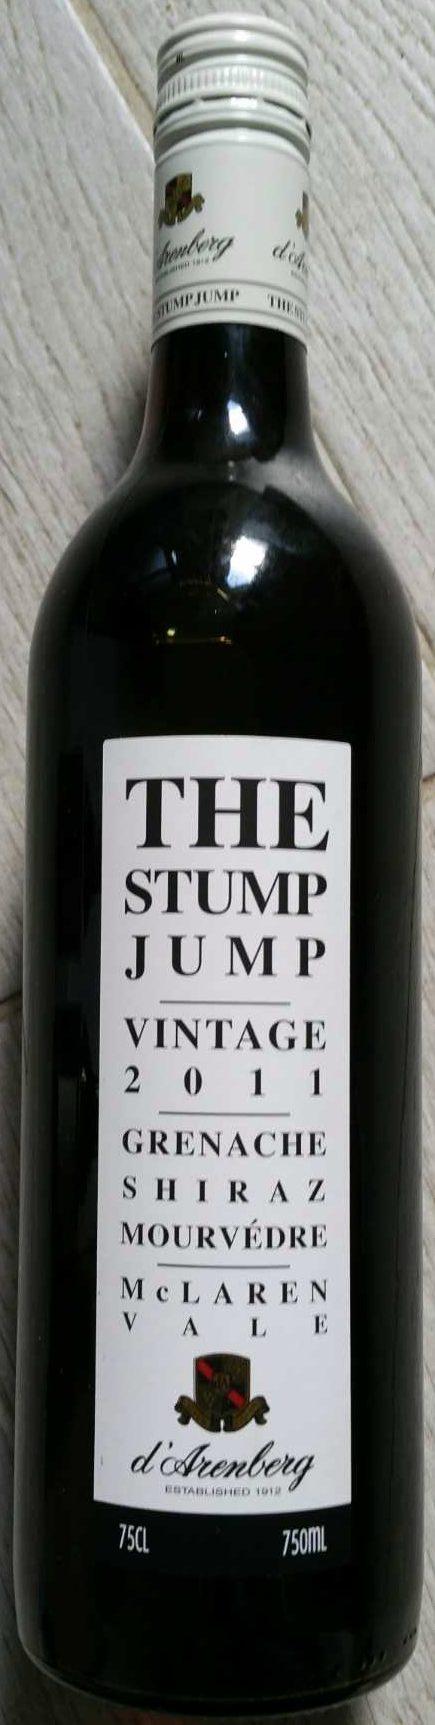 The Stump Jump Vintage 2011 McLaren Vale - Product - fr